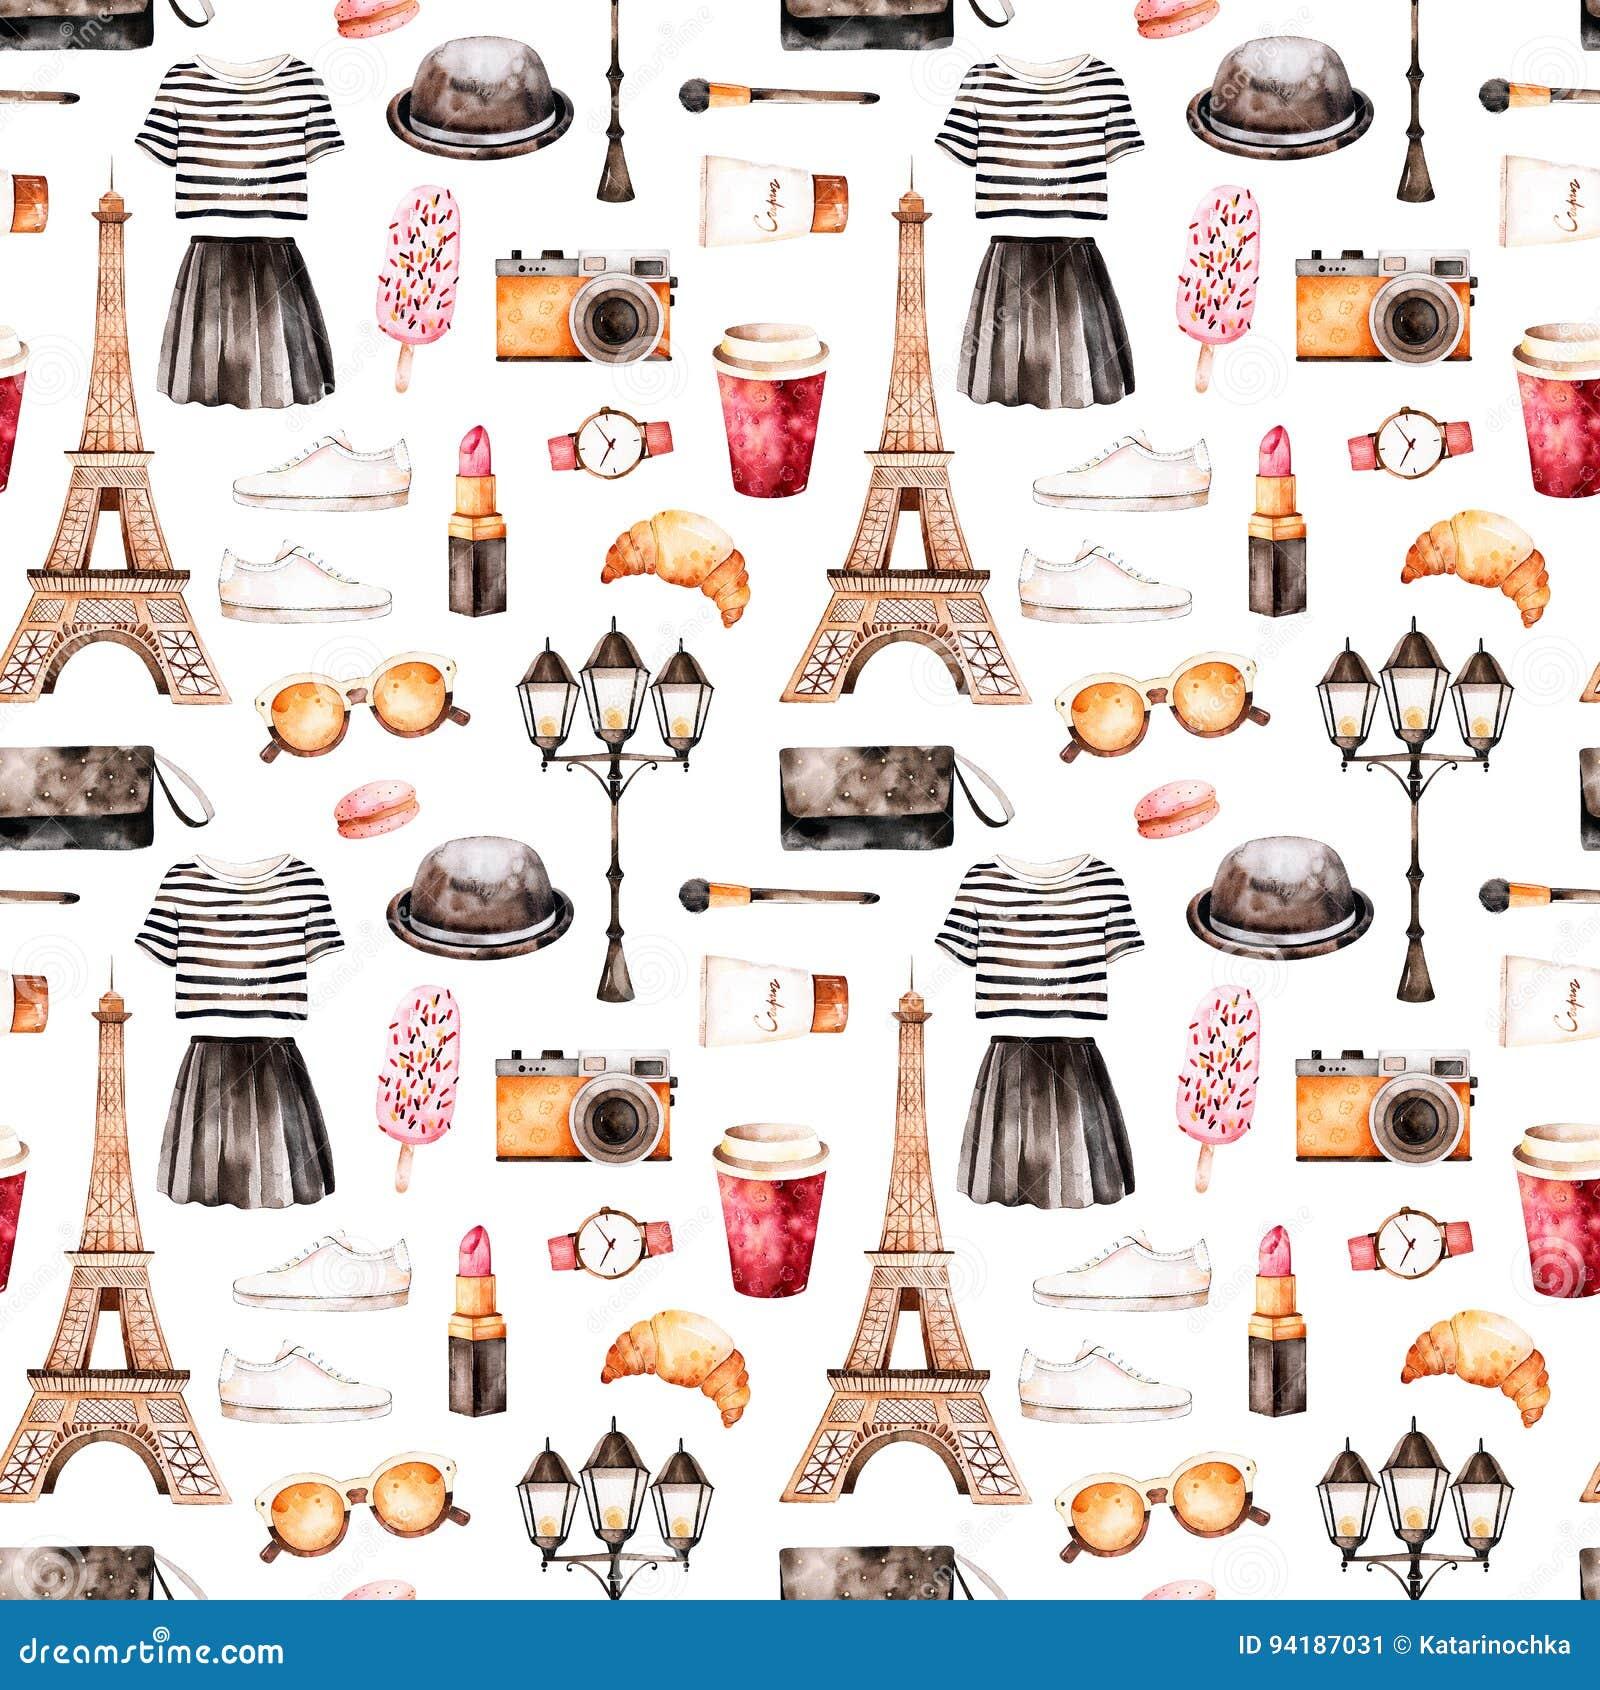 Ζωγραφισμένη στο χέρι σύσταση με τη ριγωτή κορυφή, καλλυντικά, γύρος Άιφελ, καφές, παπούτσια, φούστα, τσάντα